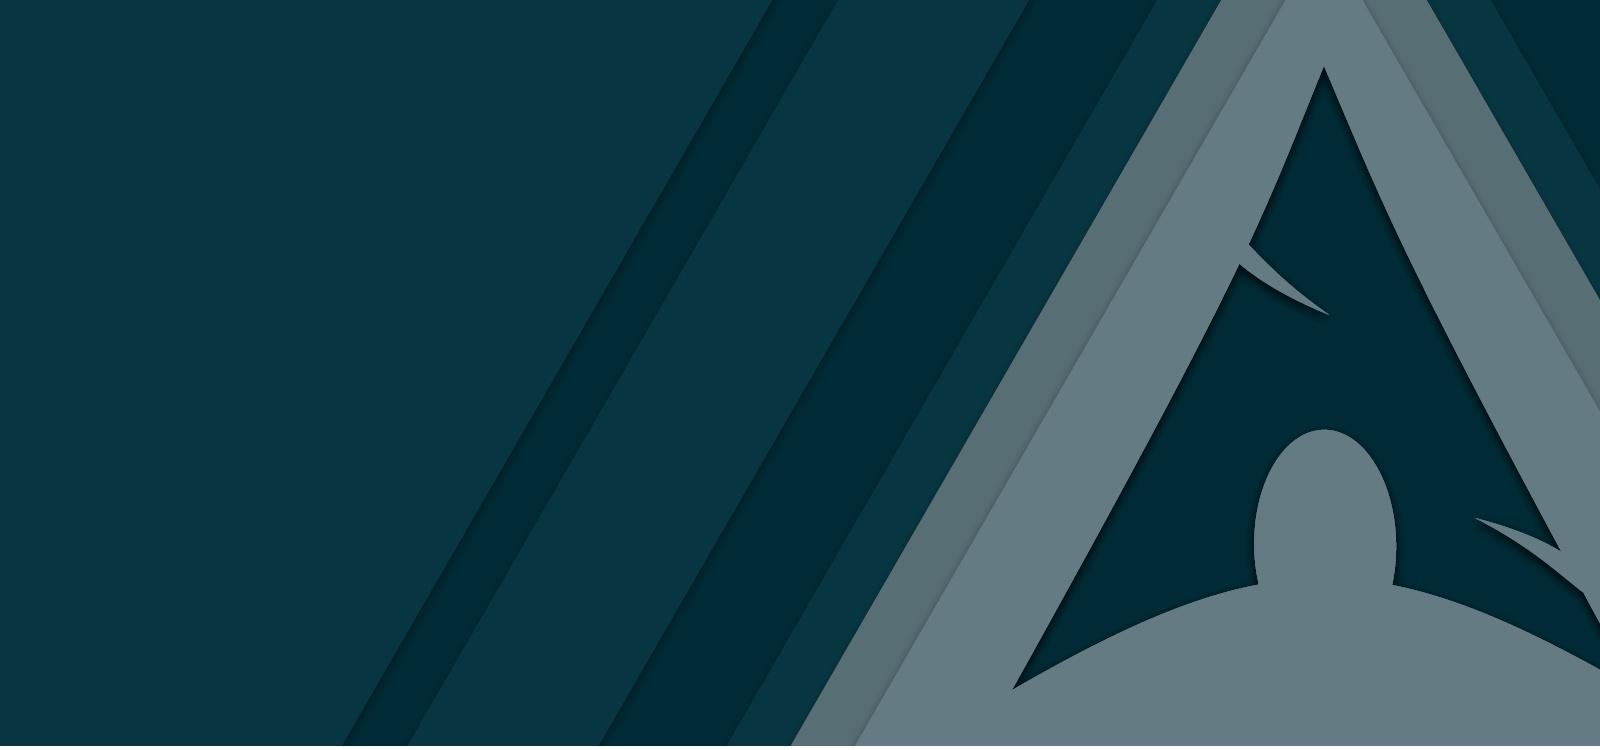 Богатый минимализм  10 причин установить Arch Linux - «Хакер»